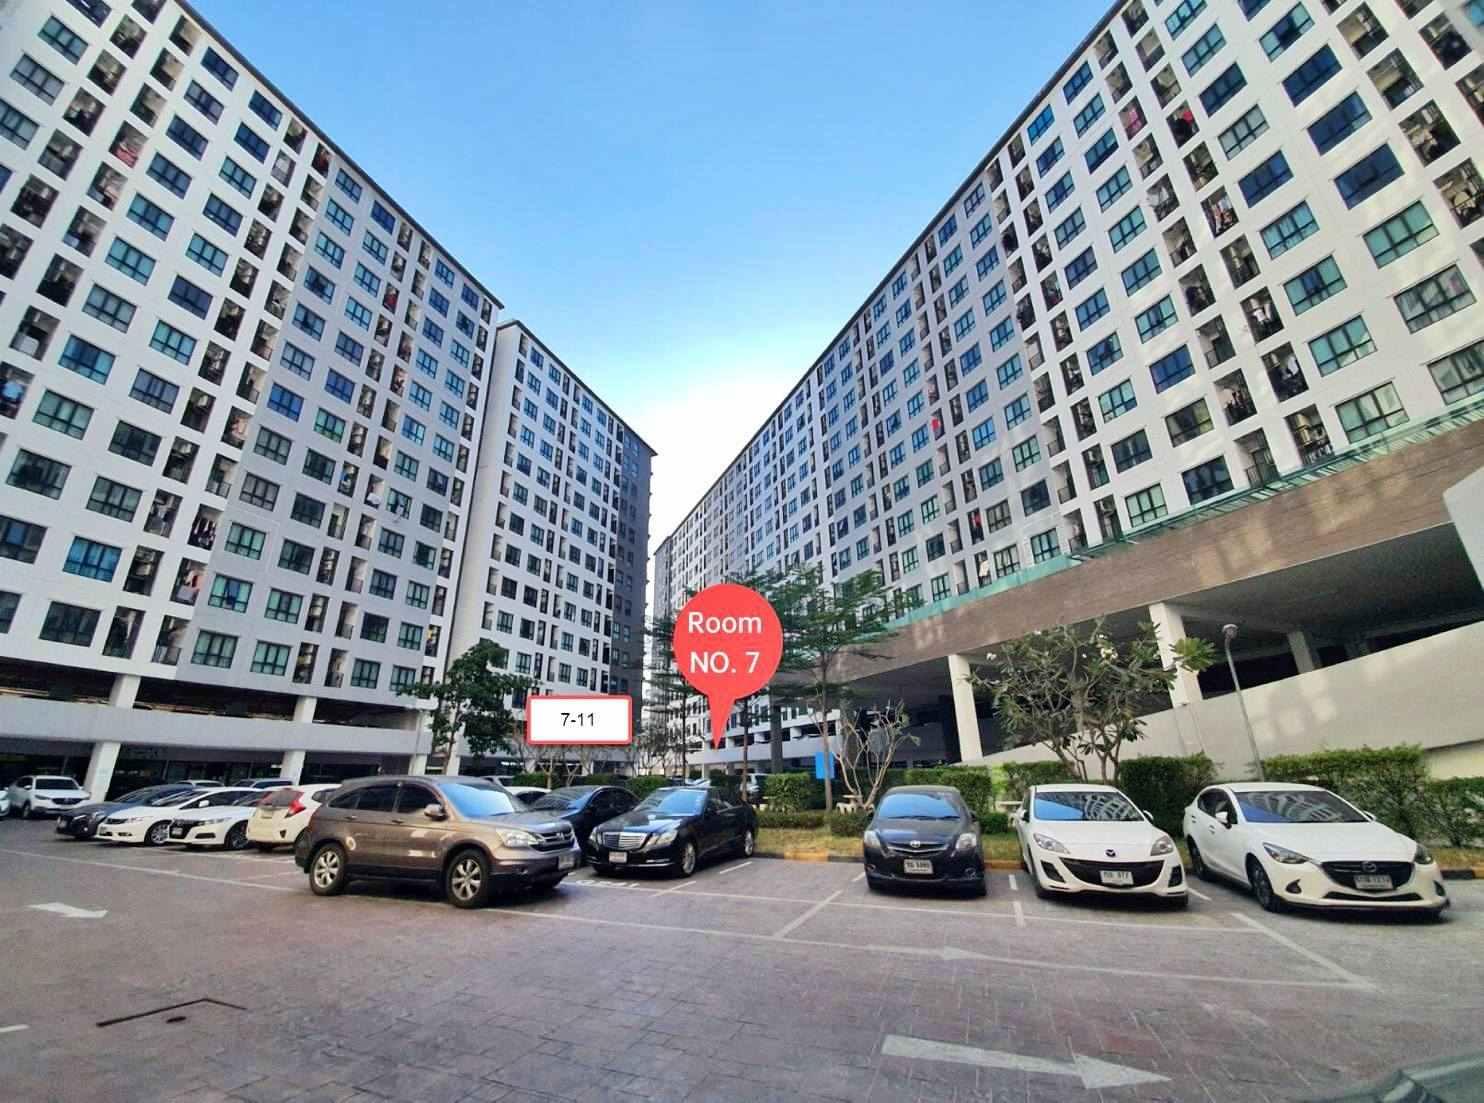 ให้เช่าห้อง‼️ ทำร้านค้า ใต้คอนโด ใกล้สถานีรถไฟฟ้า2สาย @รีเจ้นท์โฮม 18 (Regent Home 18) บางเขน หลักสี